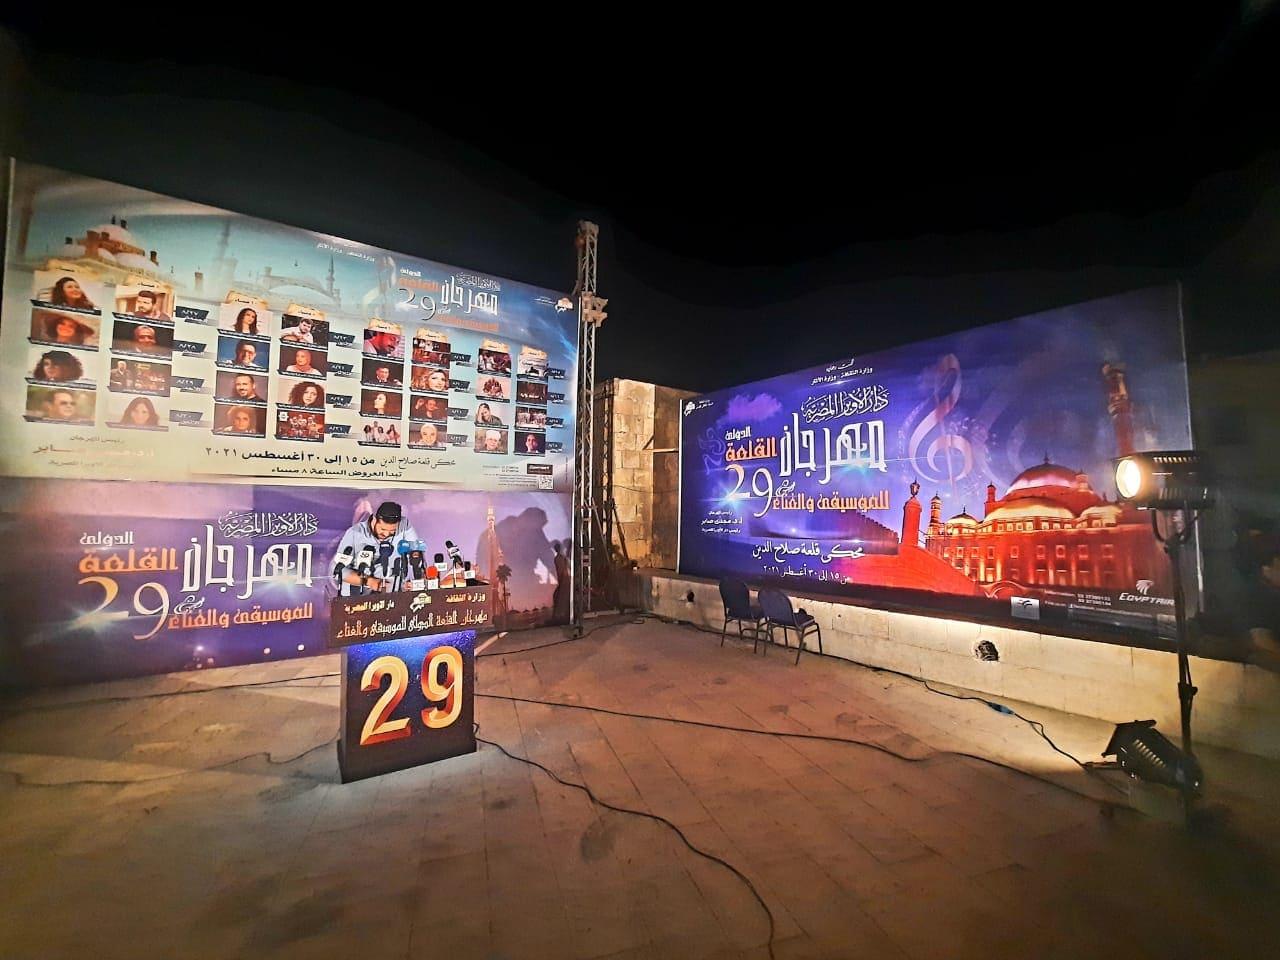 افتتاح مهرجان قلعة صلاح الدين للموسيقى والغناء